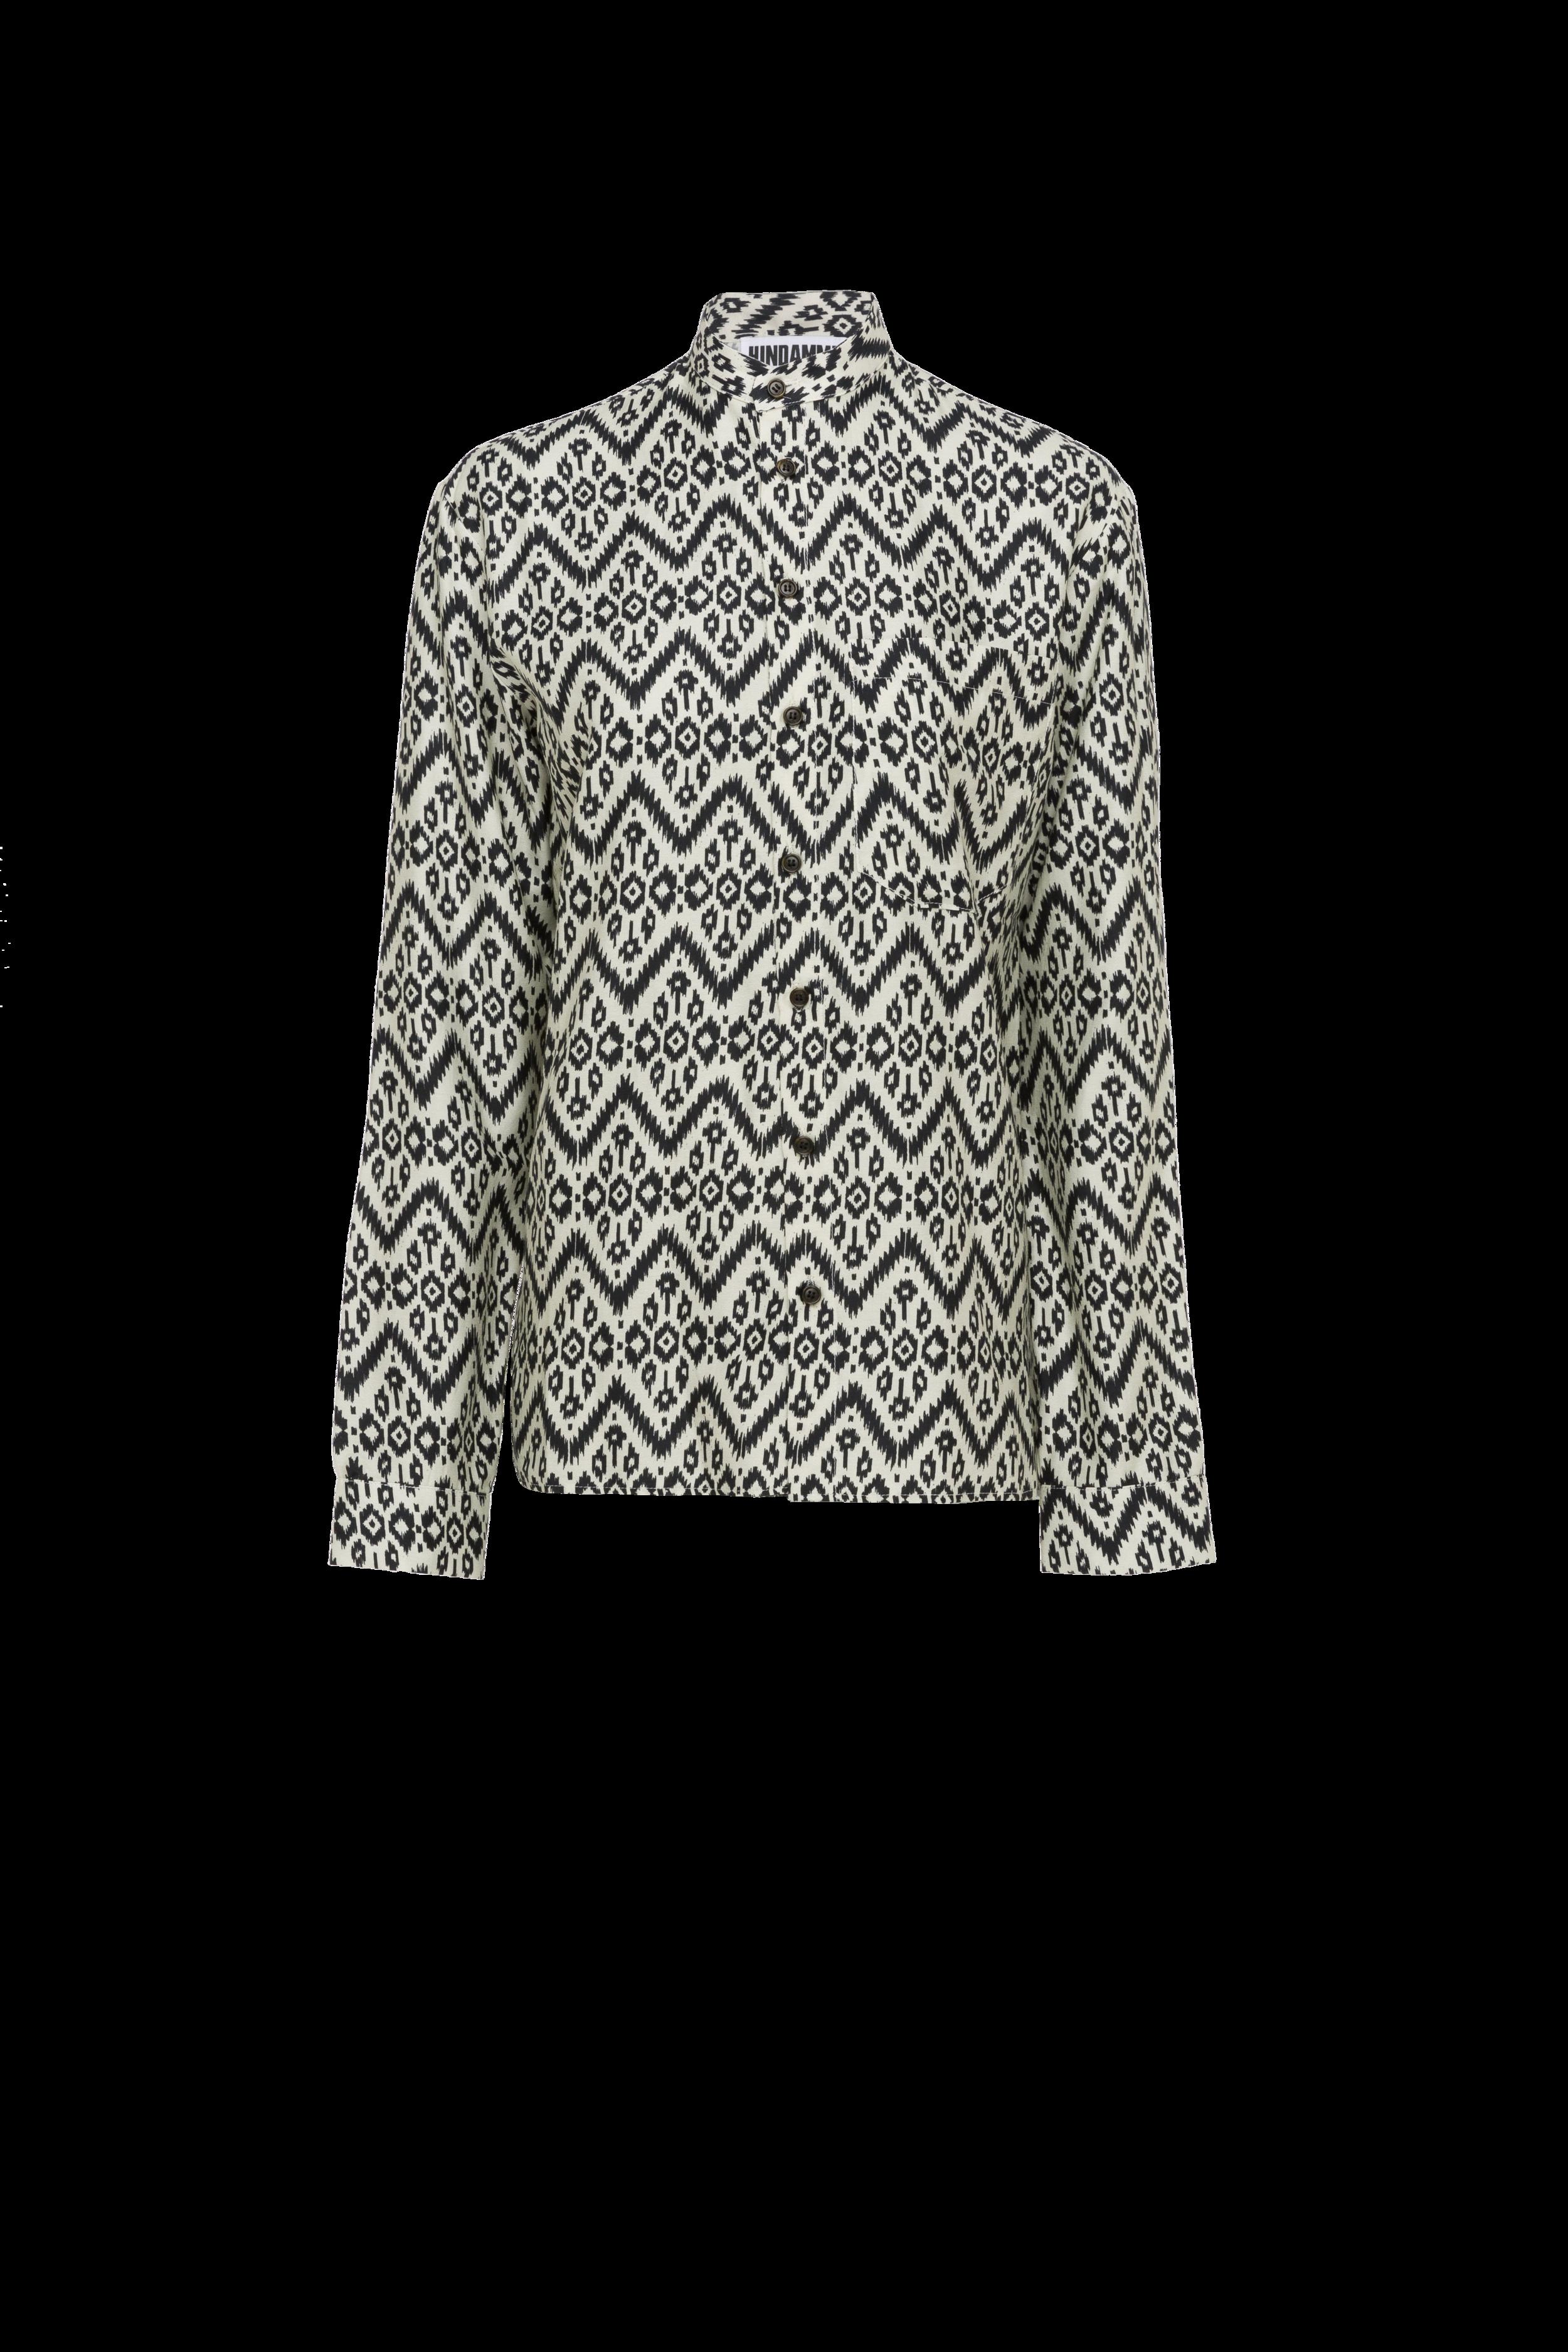 Tribal Mandarin Collar Shirt (UNISEX)